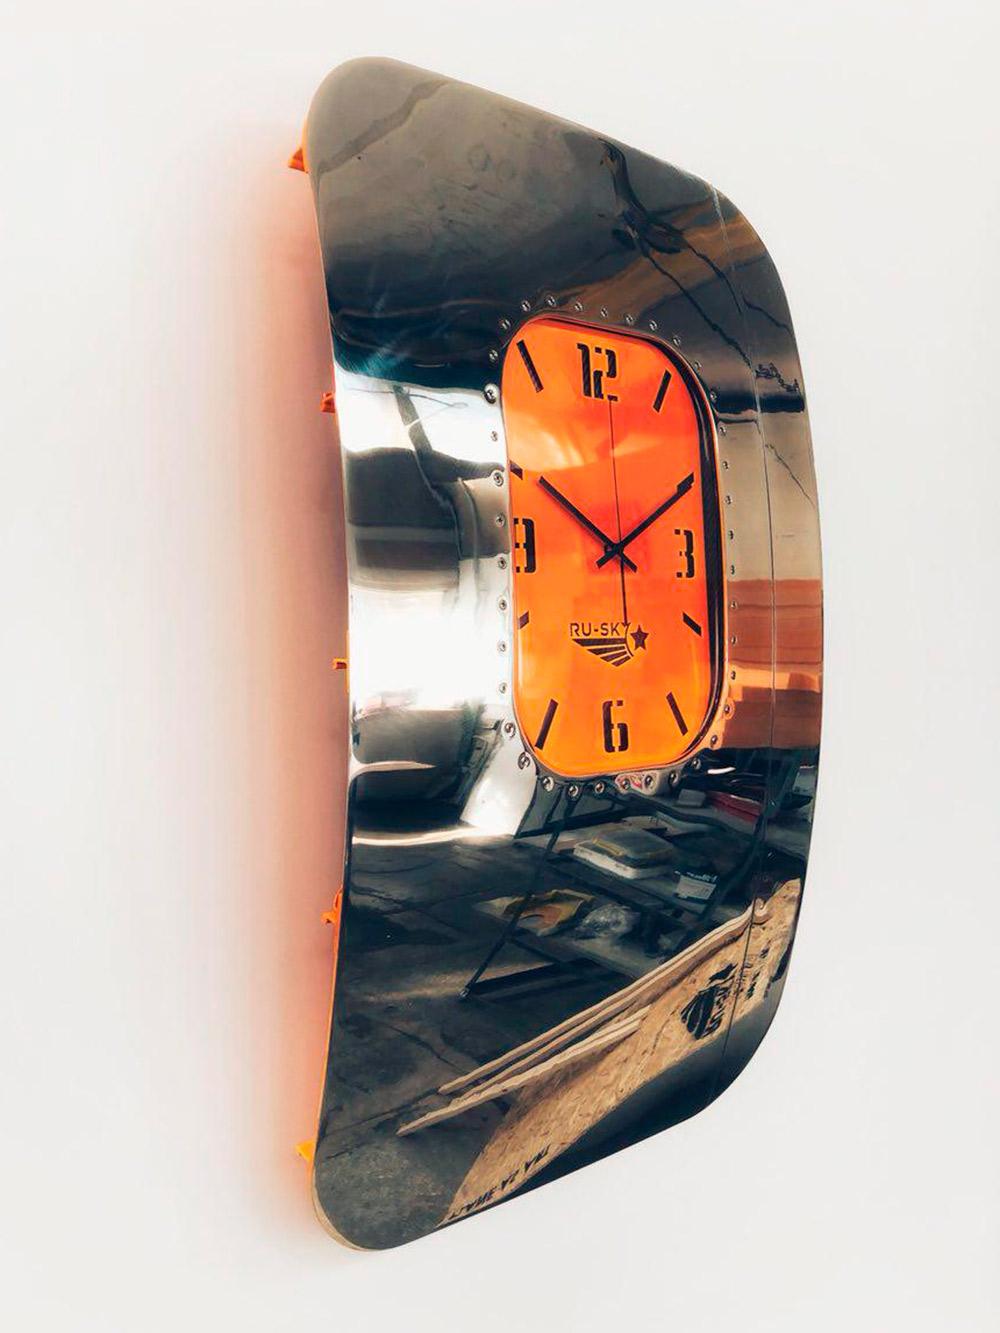 Корпуса первой партии настенных часов изBombardierCRJ200